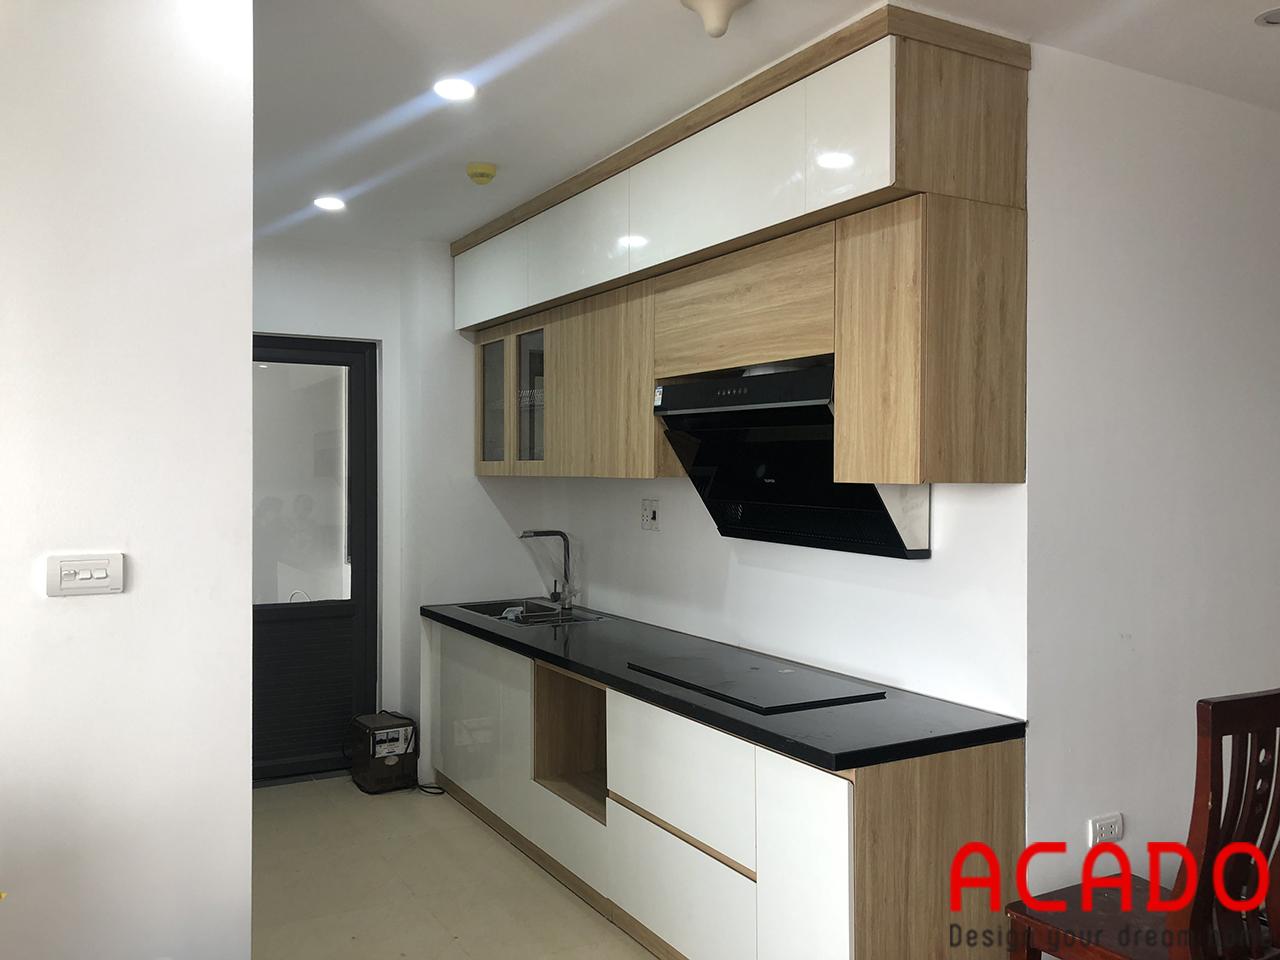 ACADO đơn vị thiết kế và thi công tủ bếp Melamine uy tín - chất lượng tại Hà Nội